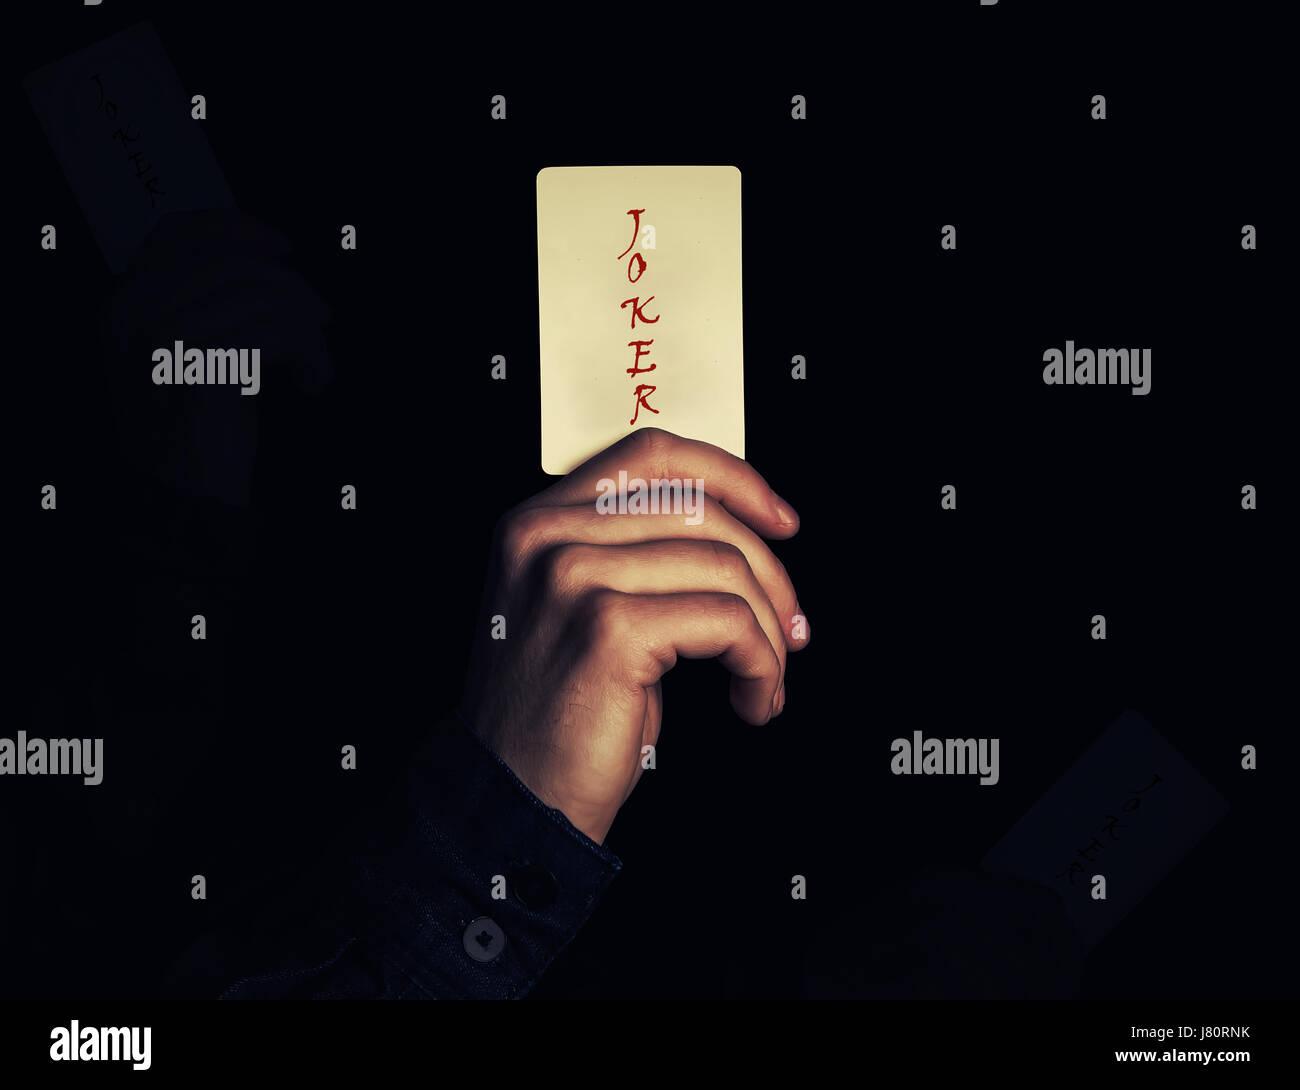 Close up di un man mano che tiene joker carta da gioco. Illusionista mostra un trucco di magia su uno sfondo nero. Immagini Stock